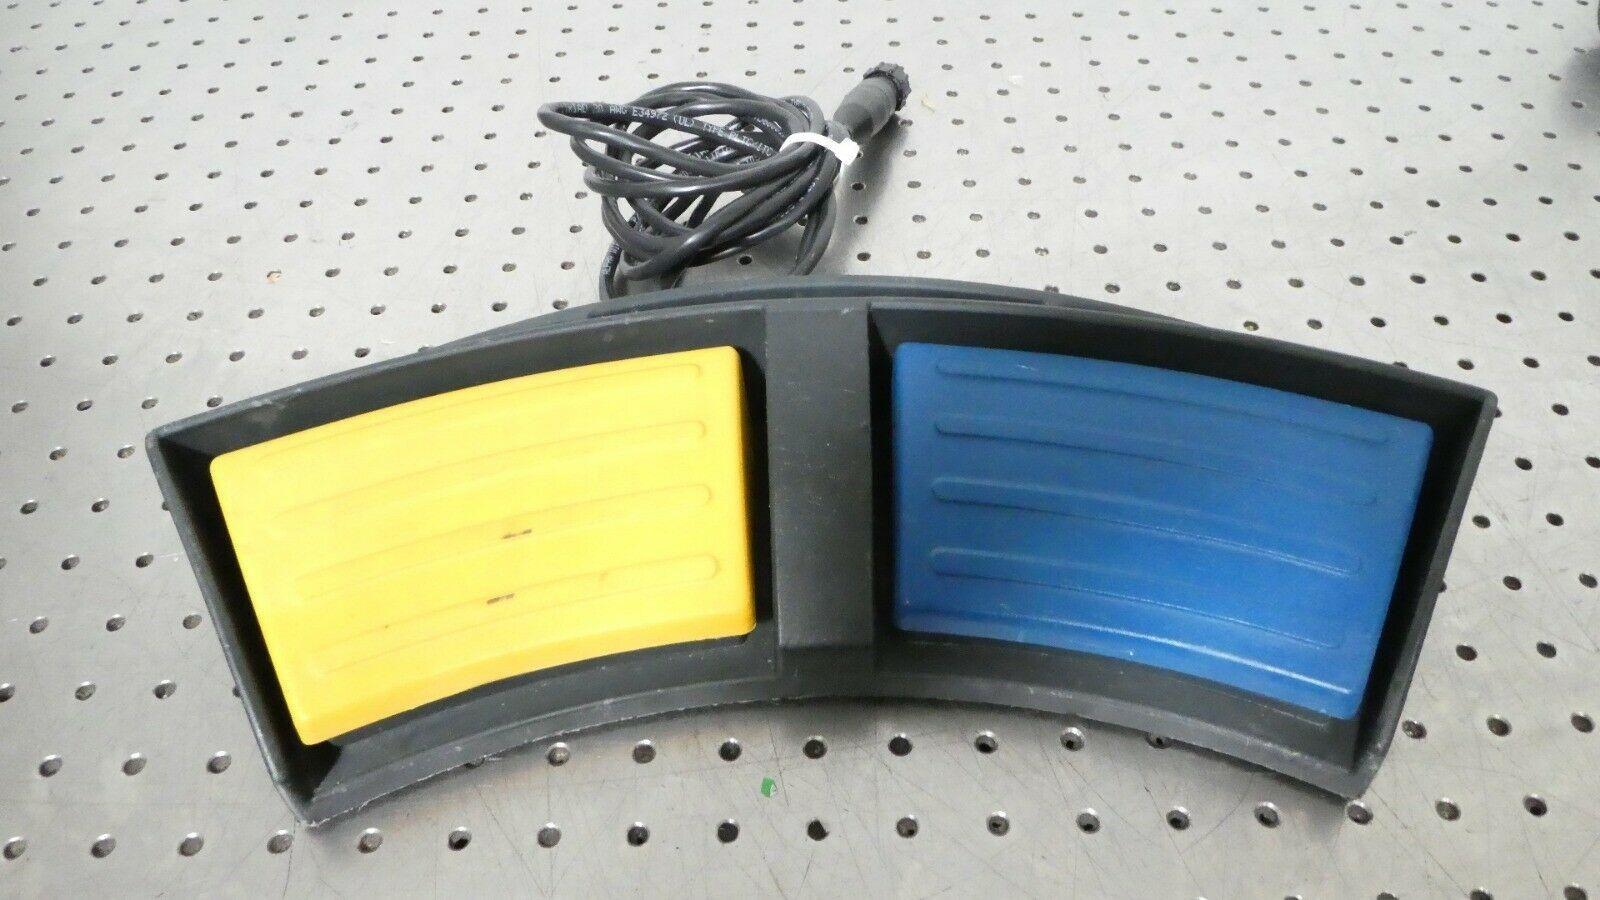 R162432 Arthrex Bovie Modular Foot Switch BV-1253B AR-9600FM